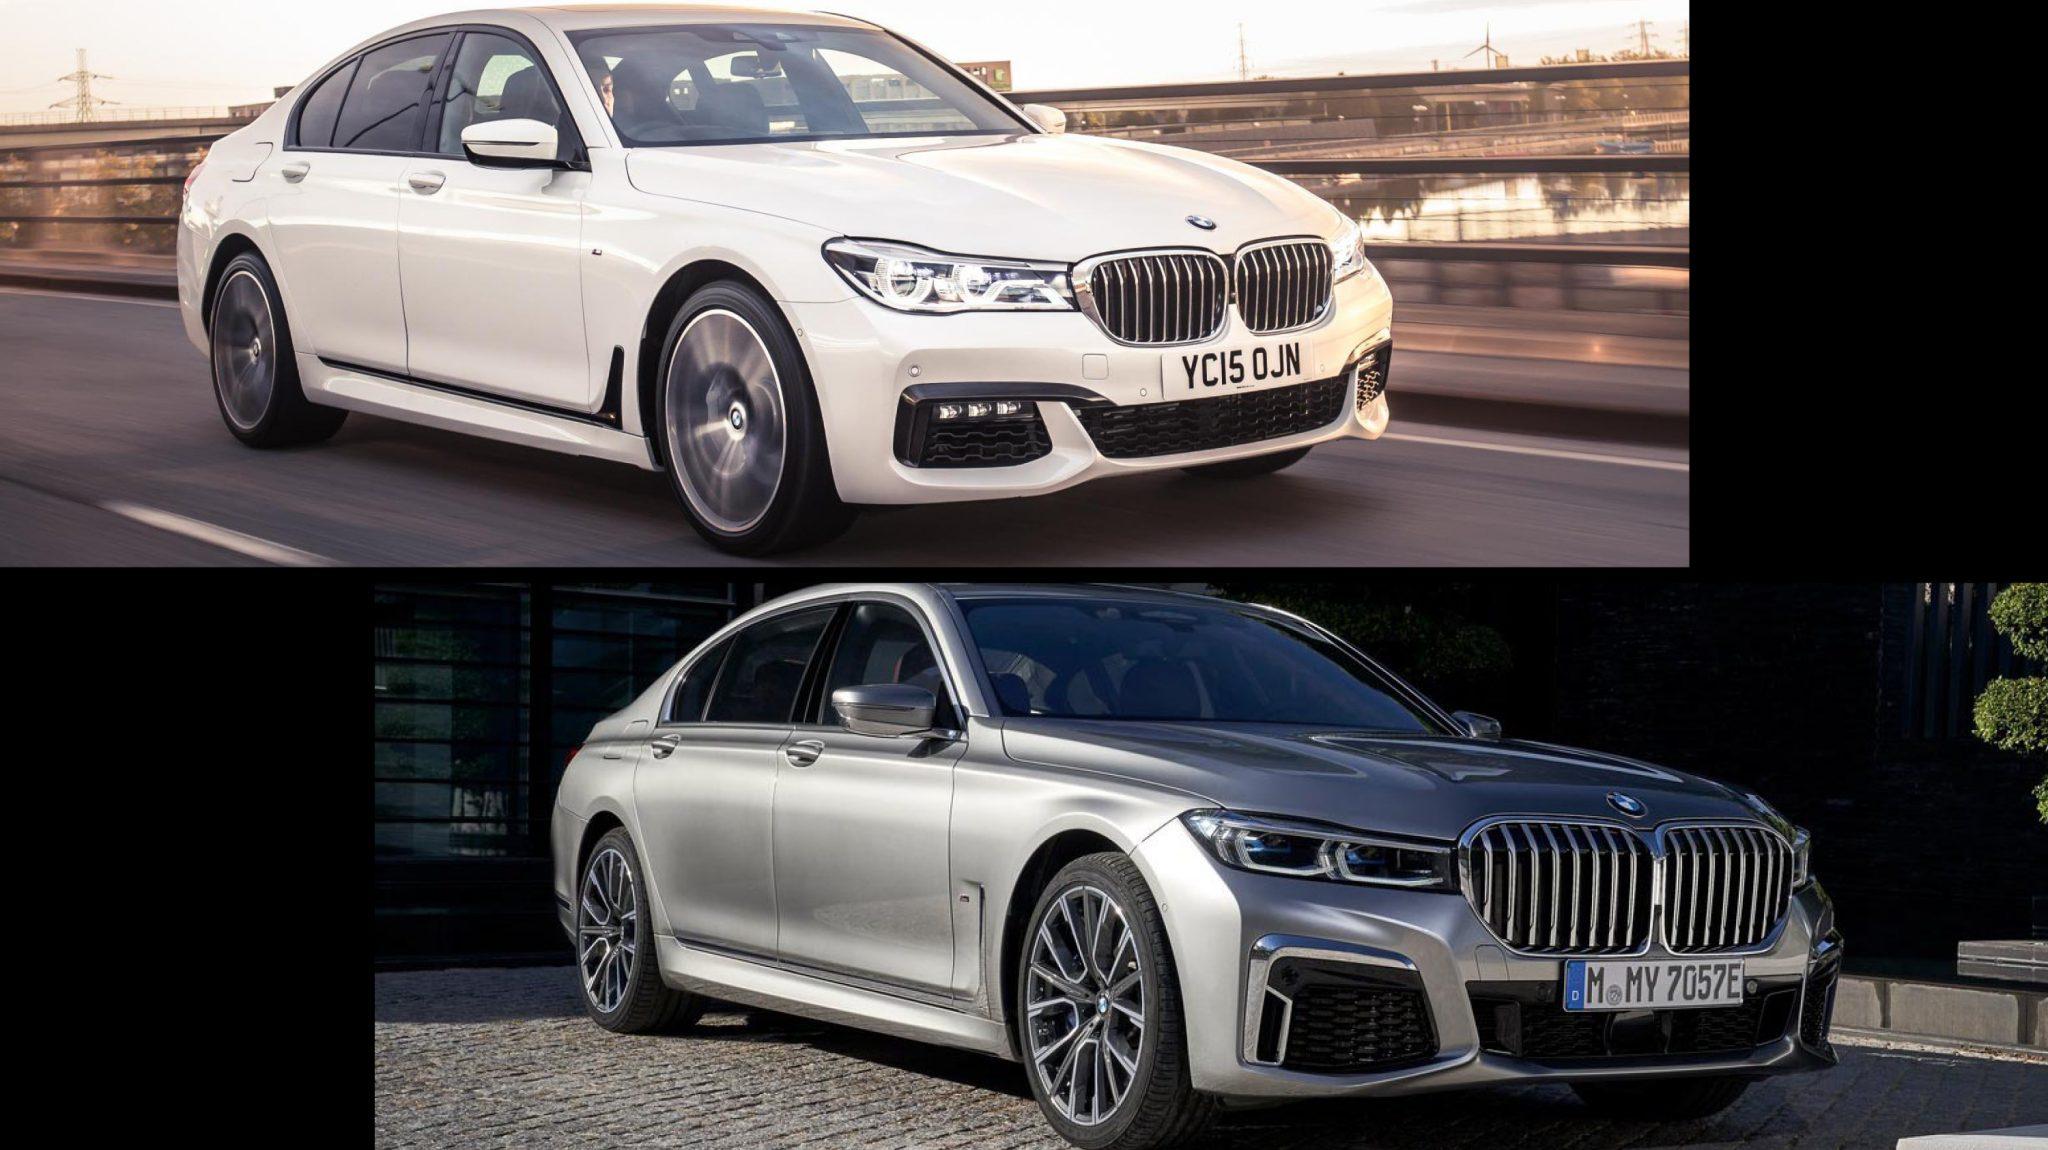 BMW 7-serie Facelift vs Pre-facelift